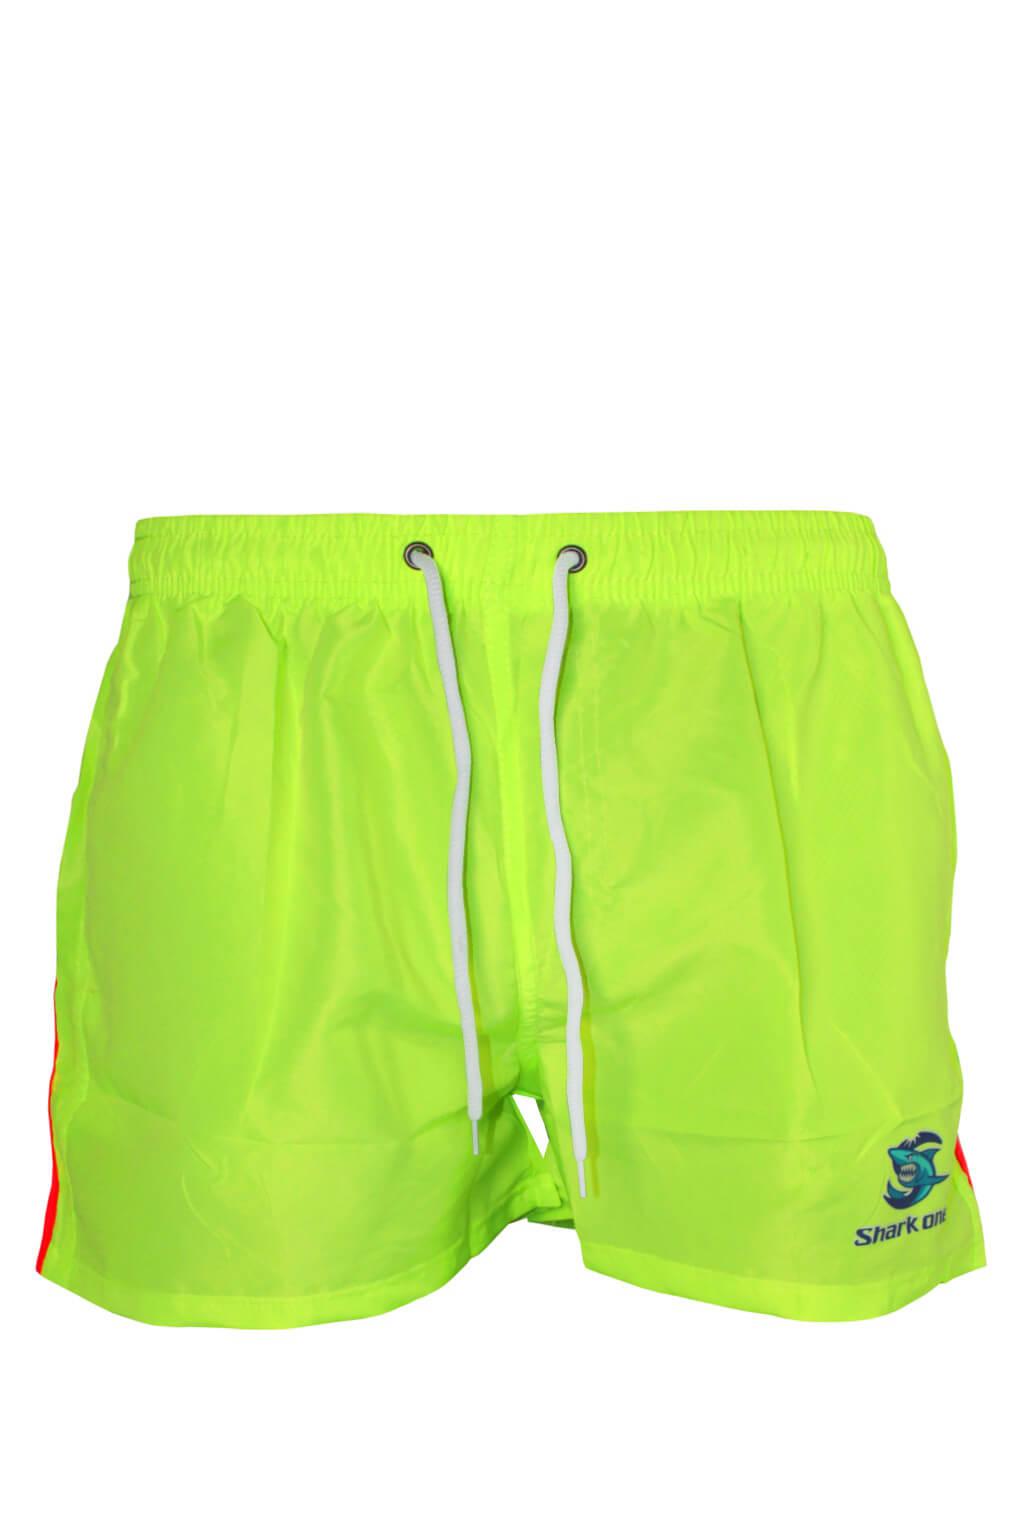 7702a8a290e Abram Neon pánské koupací šortky L zářivě žlutá